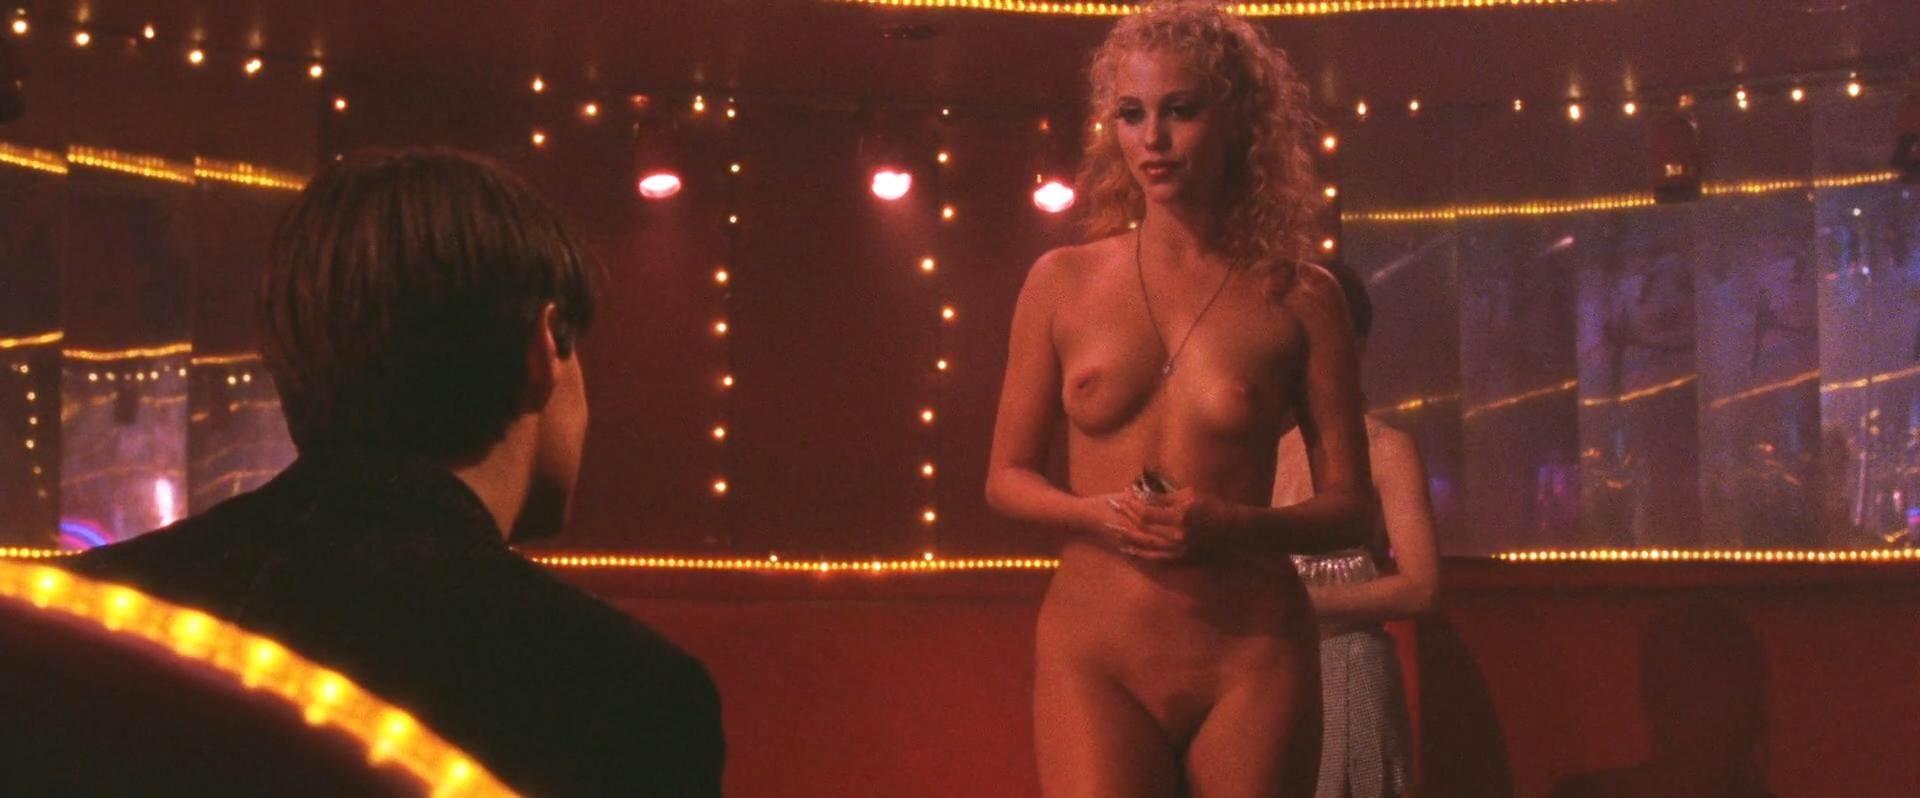 Naked celebrity girls elizabeth berkley